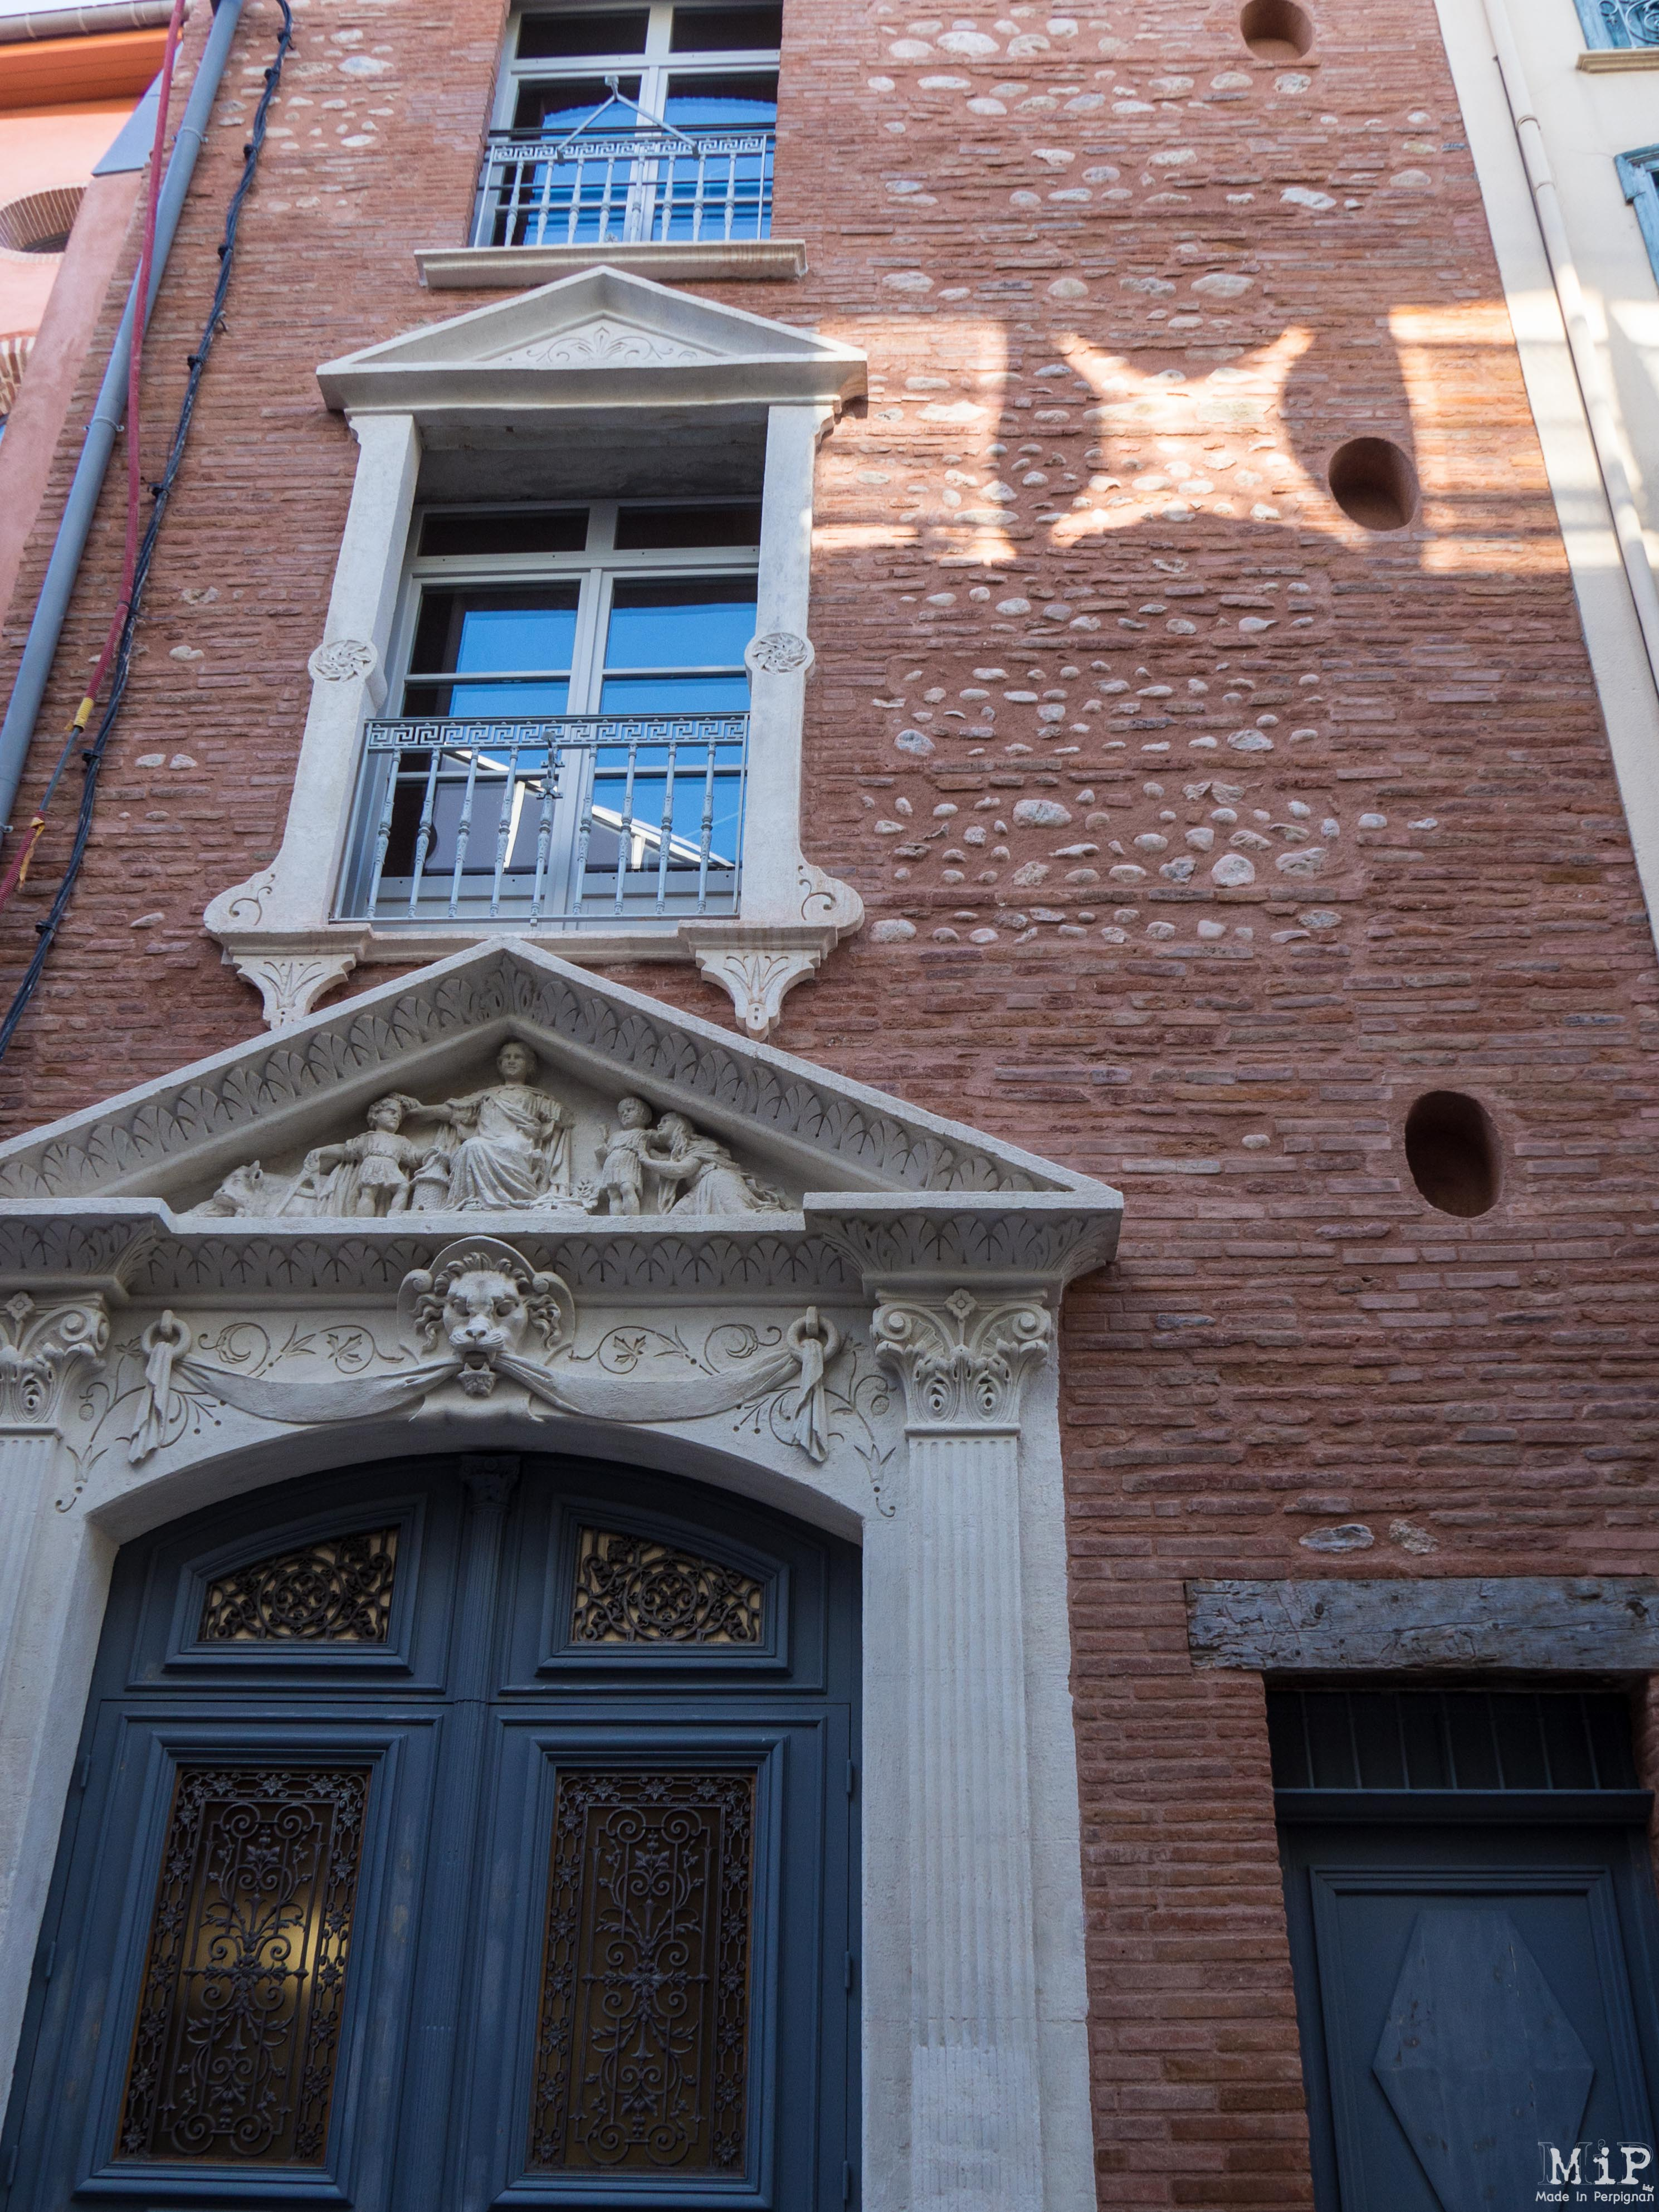 Université de Perpignan - Campus Mailly visite guidée-070005